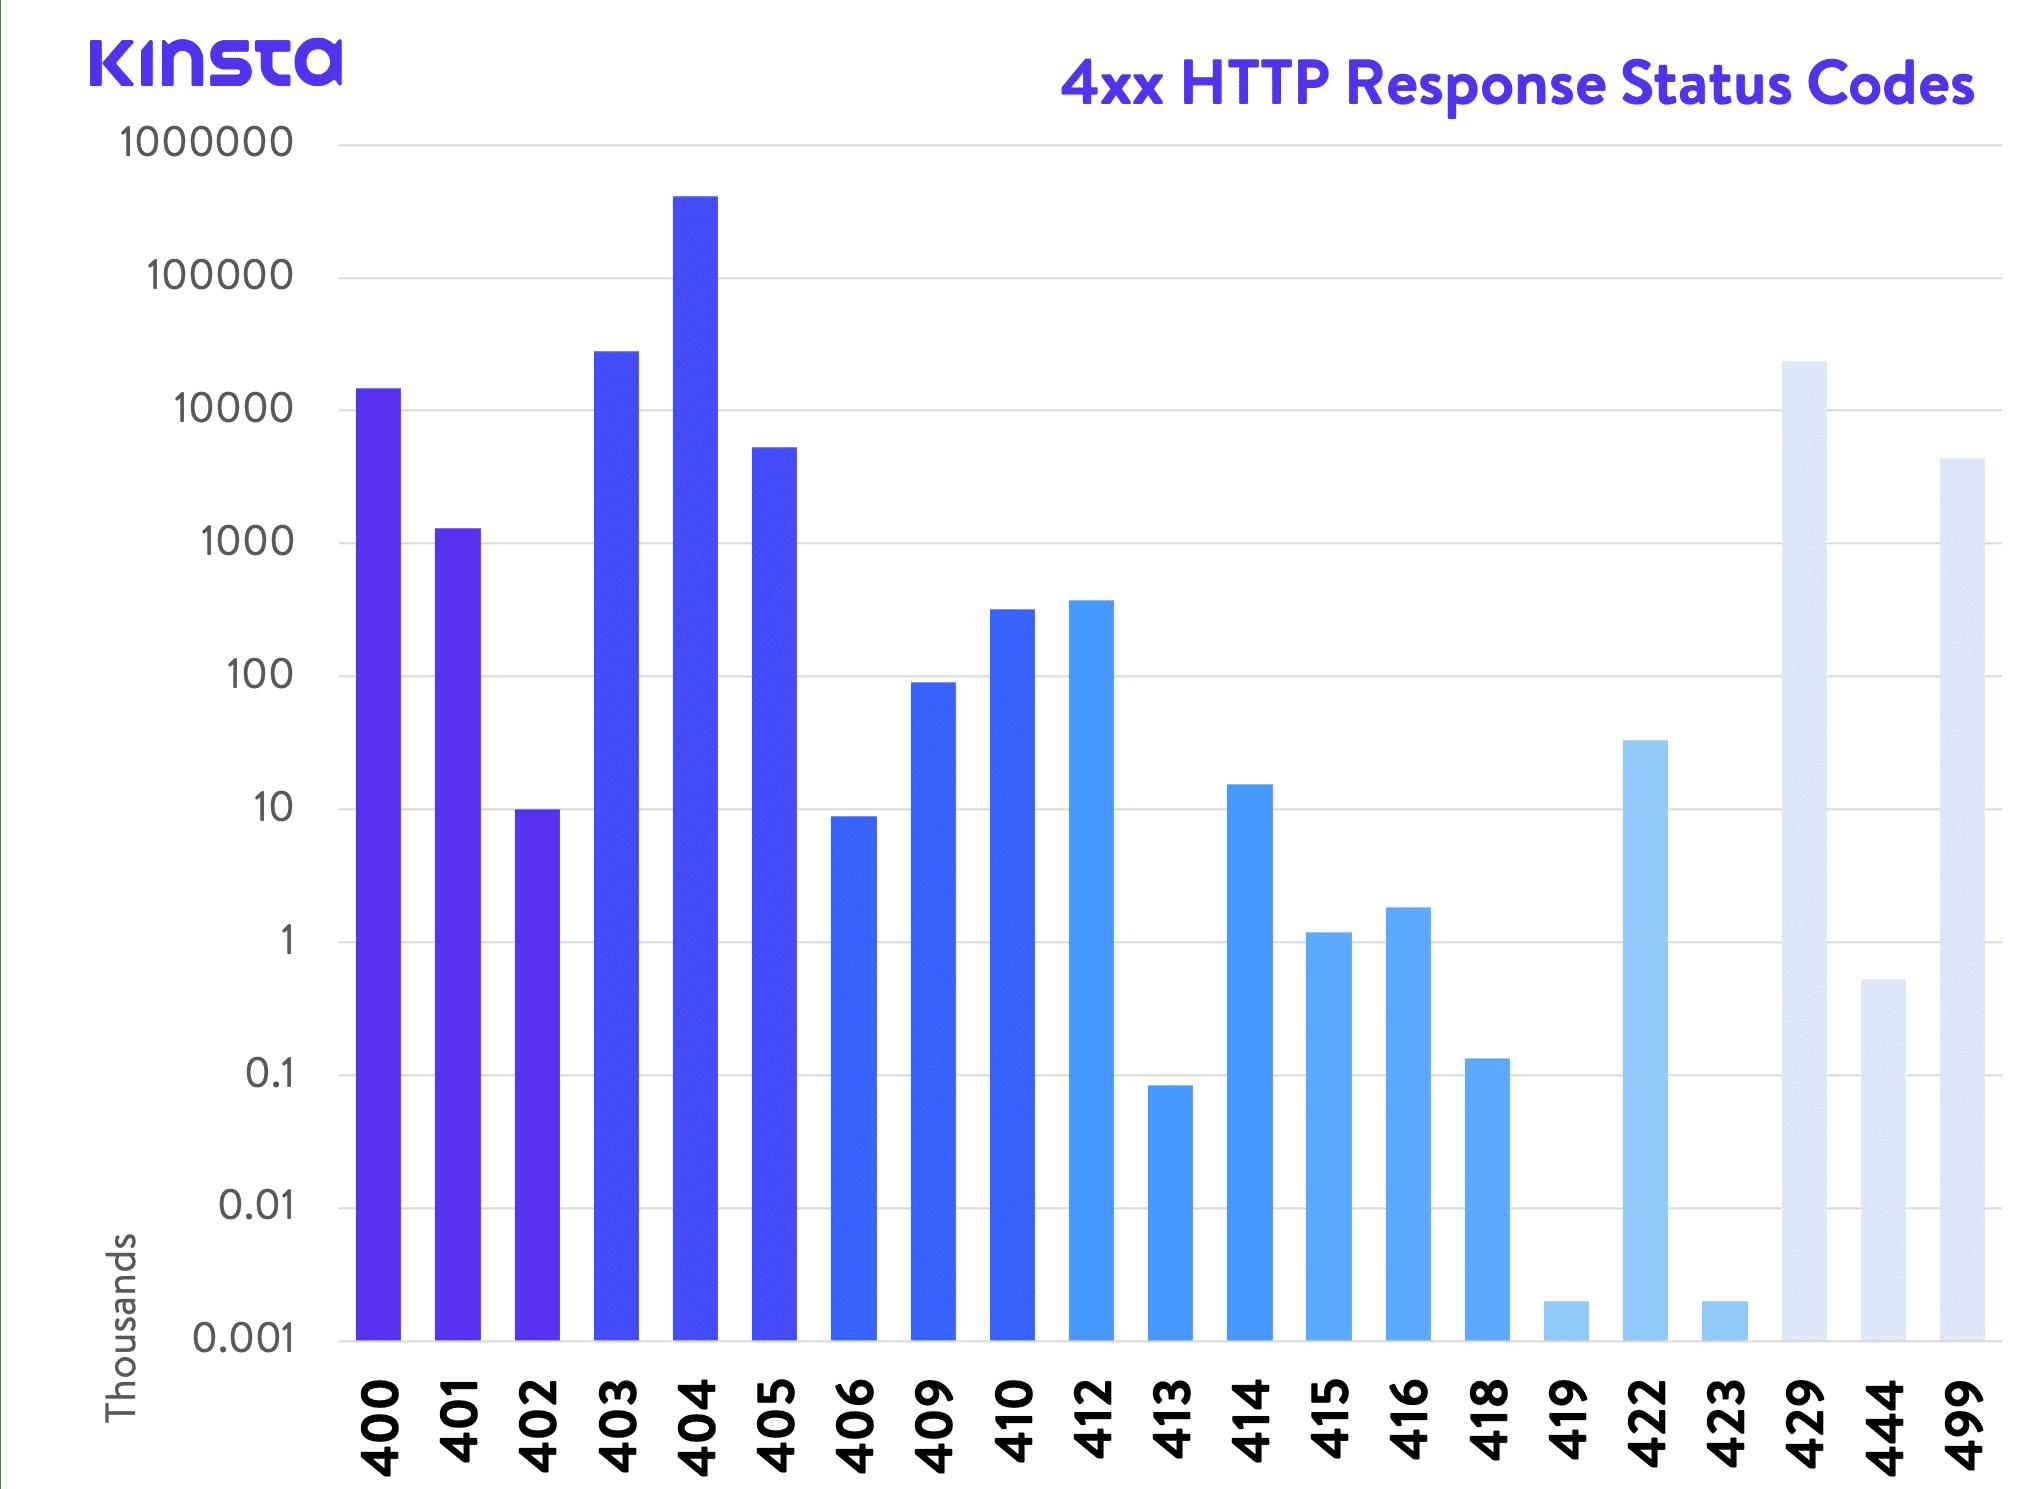 Códigos de estado de resposta HTTP 4xx